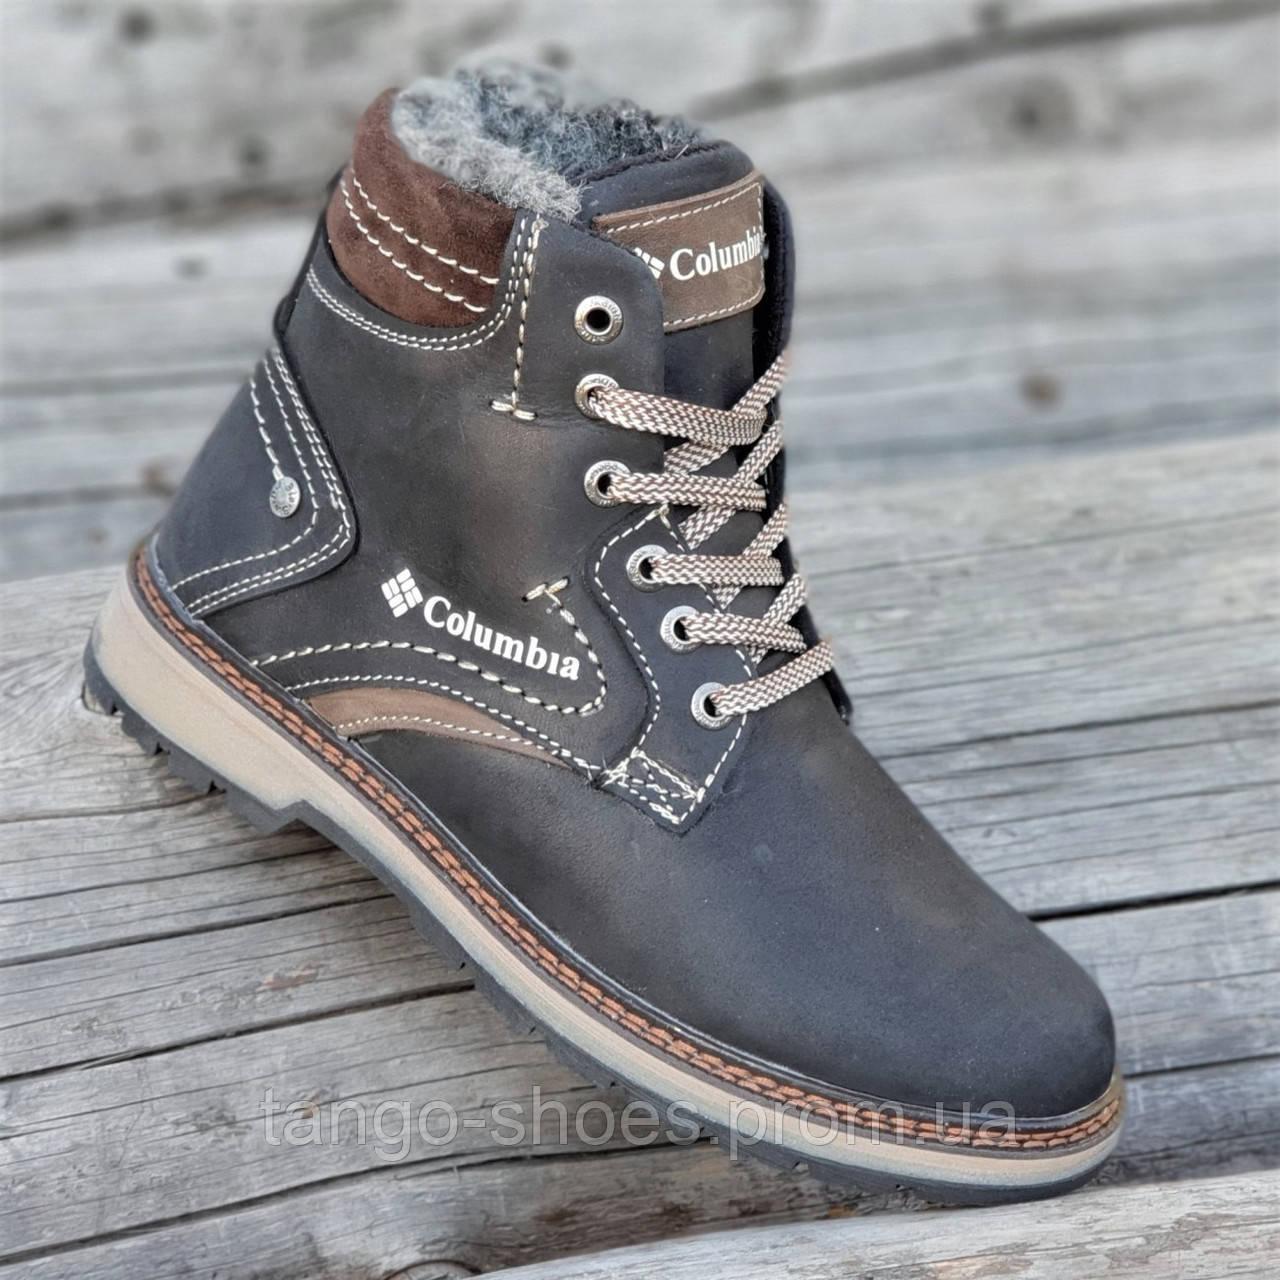 822ebf615 Подростковые зимние ботинки для мальчика, на шнурках и молнии кожаные  черные прошиты на меху (